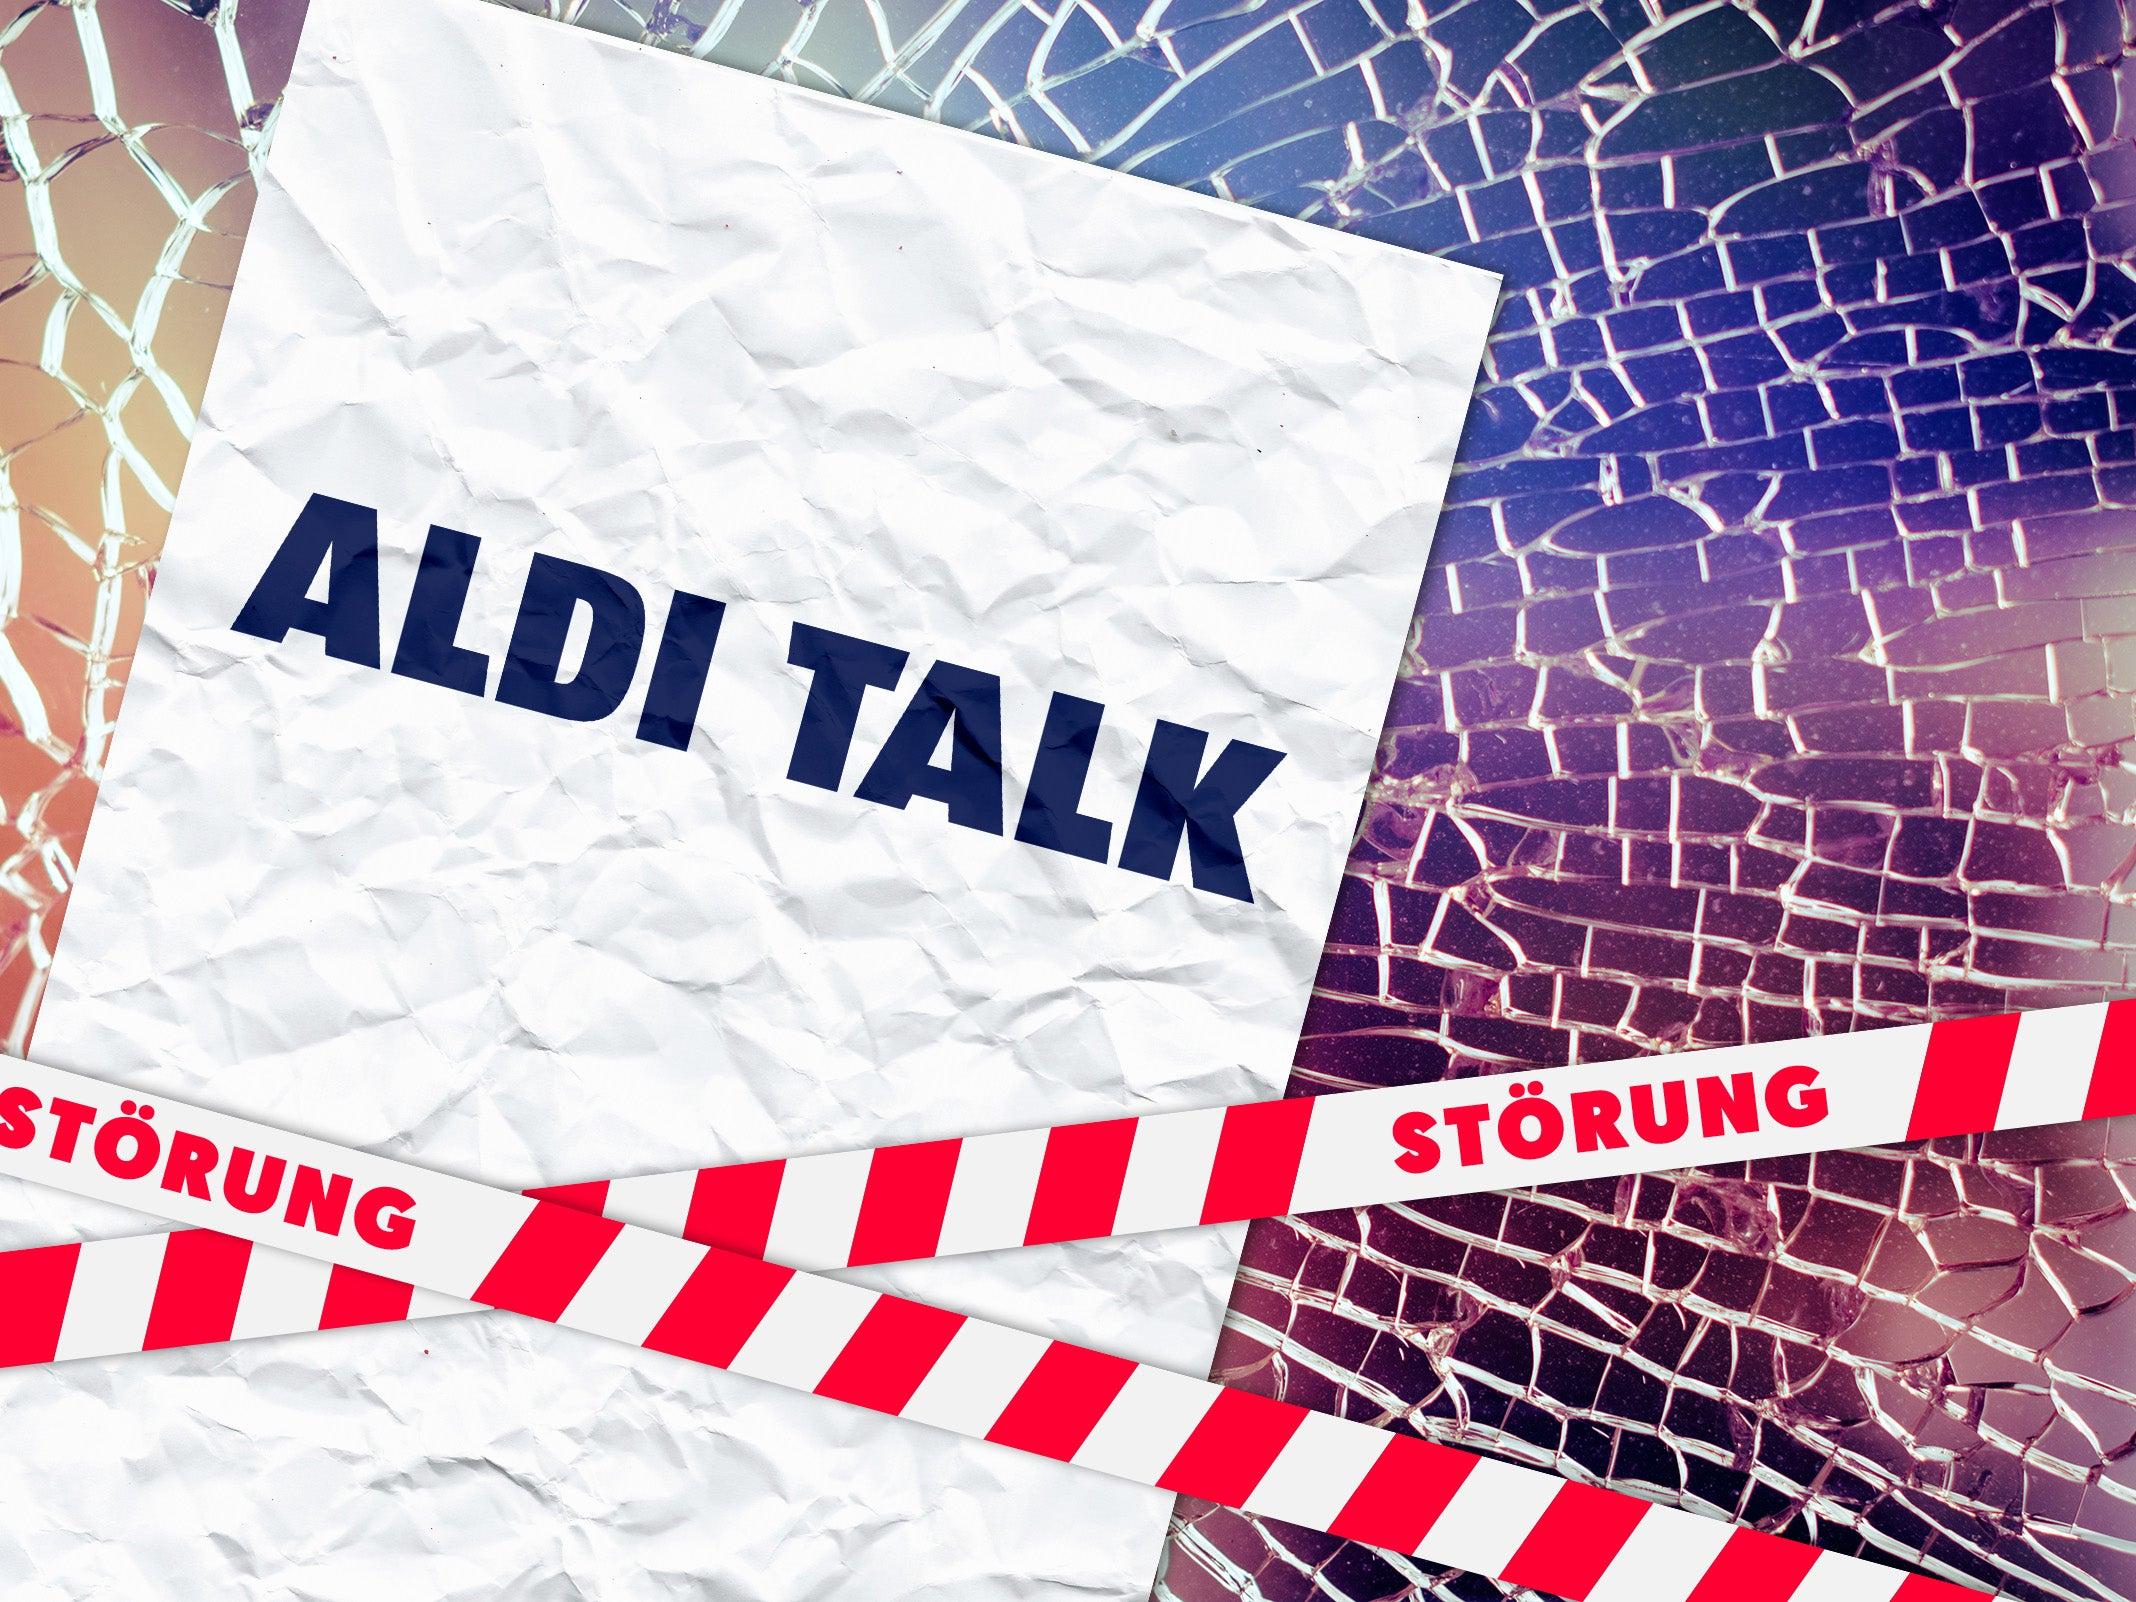 Störung bei Aldi Talk